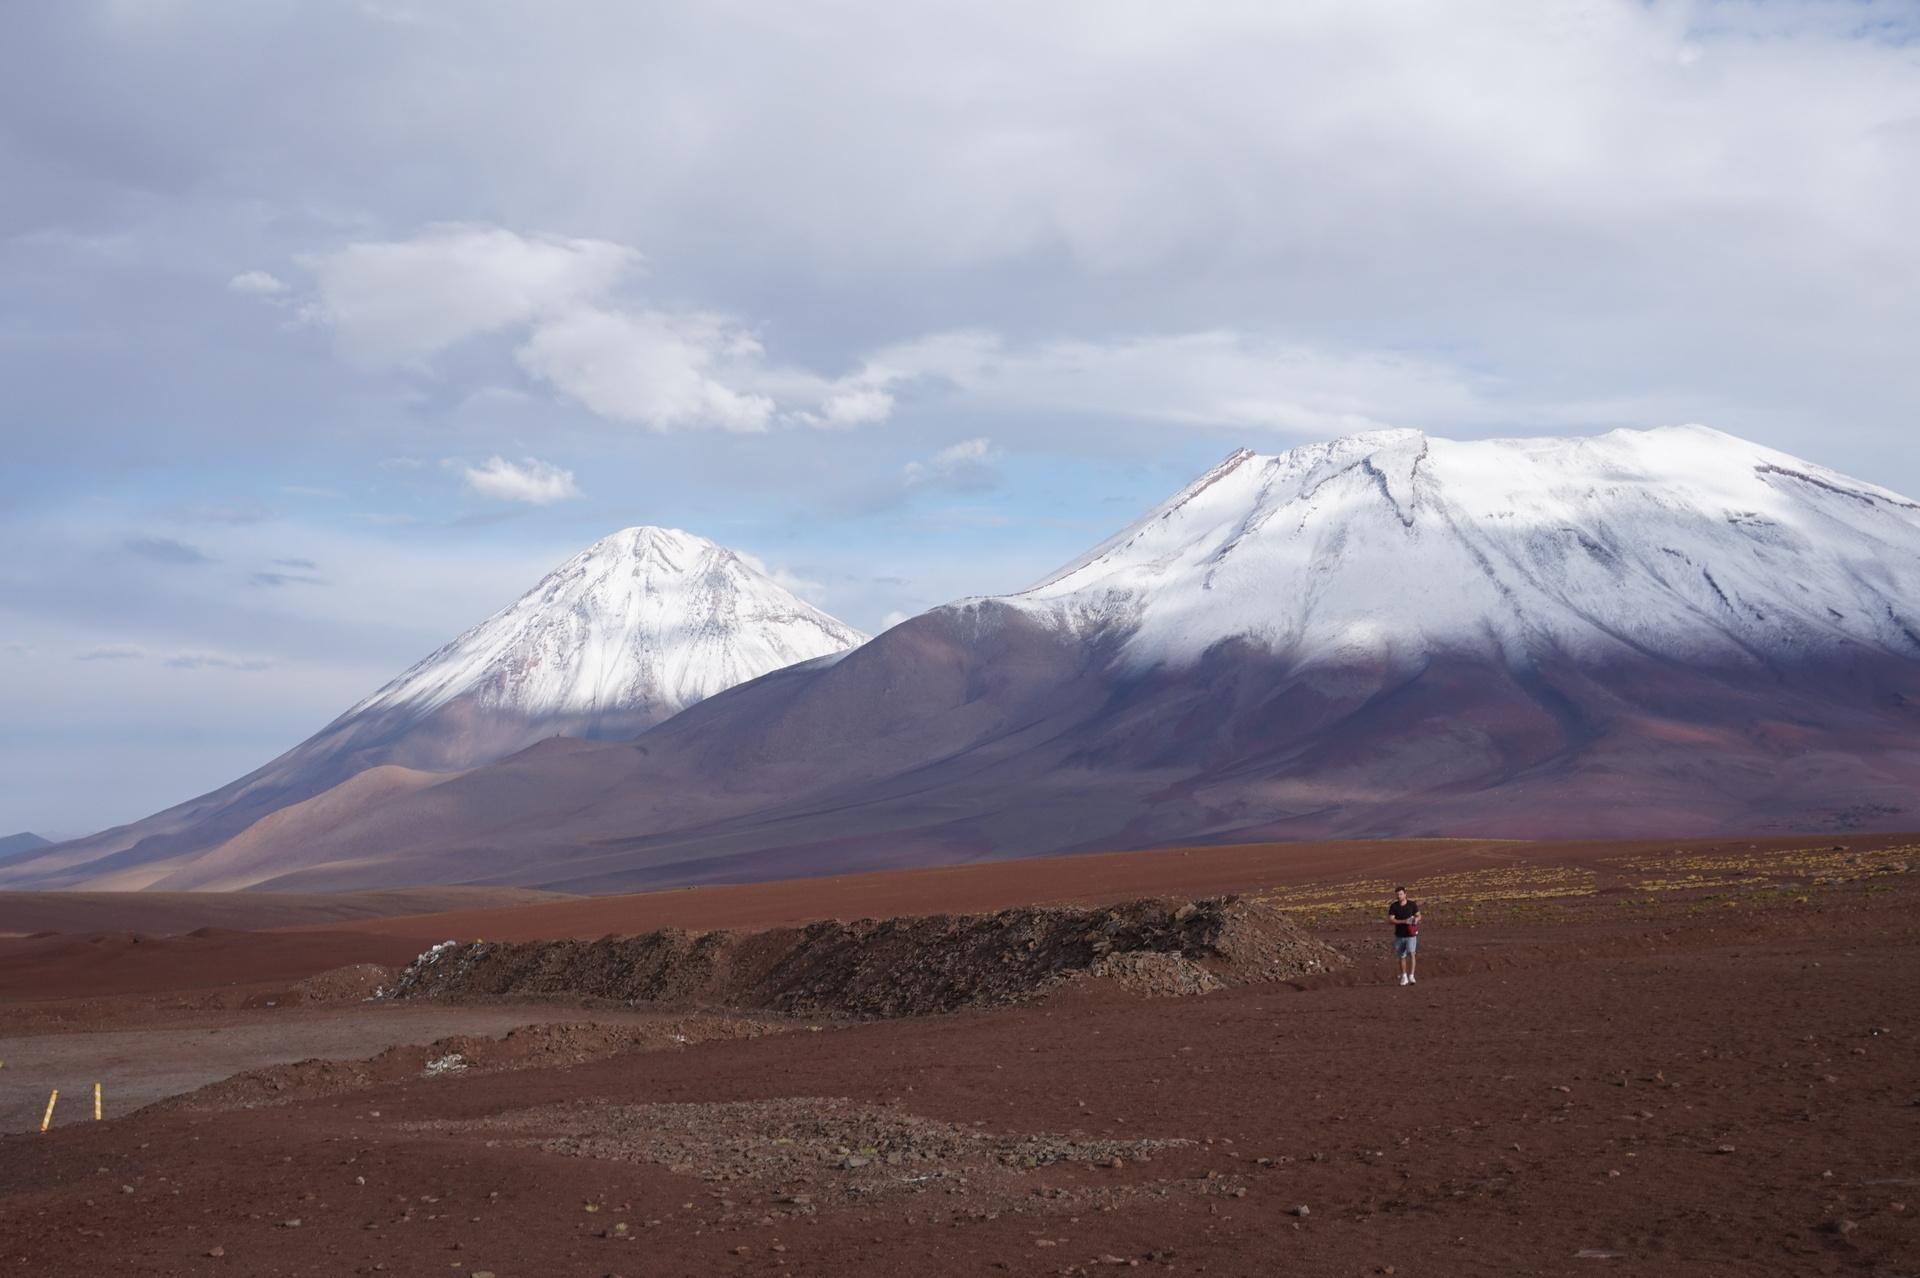 チリ ボリビア ウユニ旅行 2泊3日ツアー 国境付近